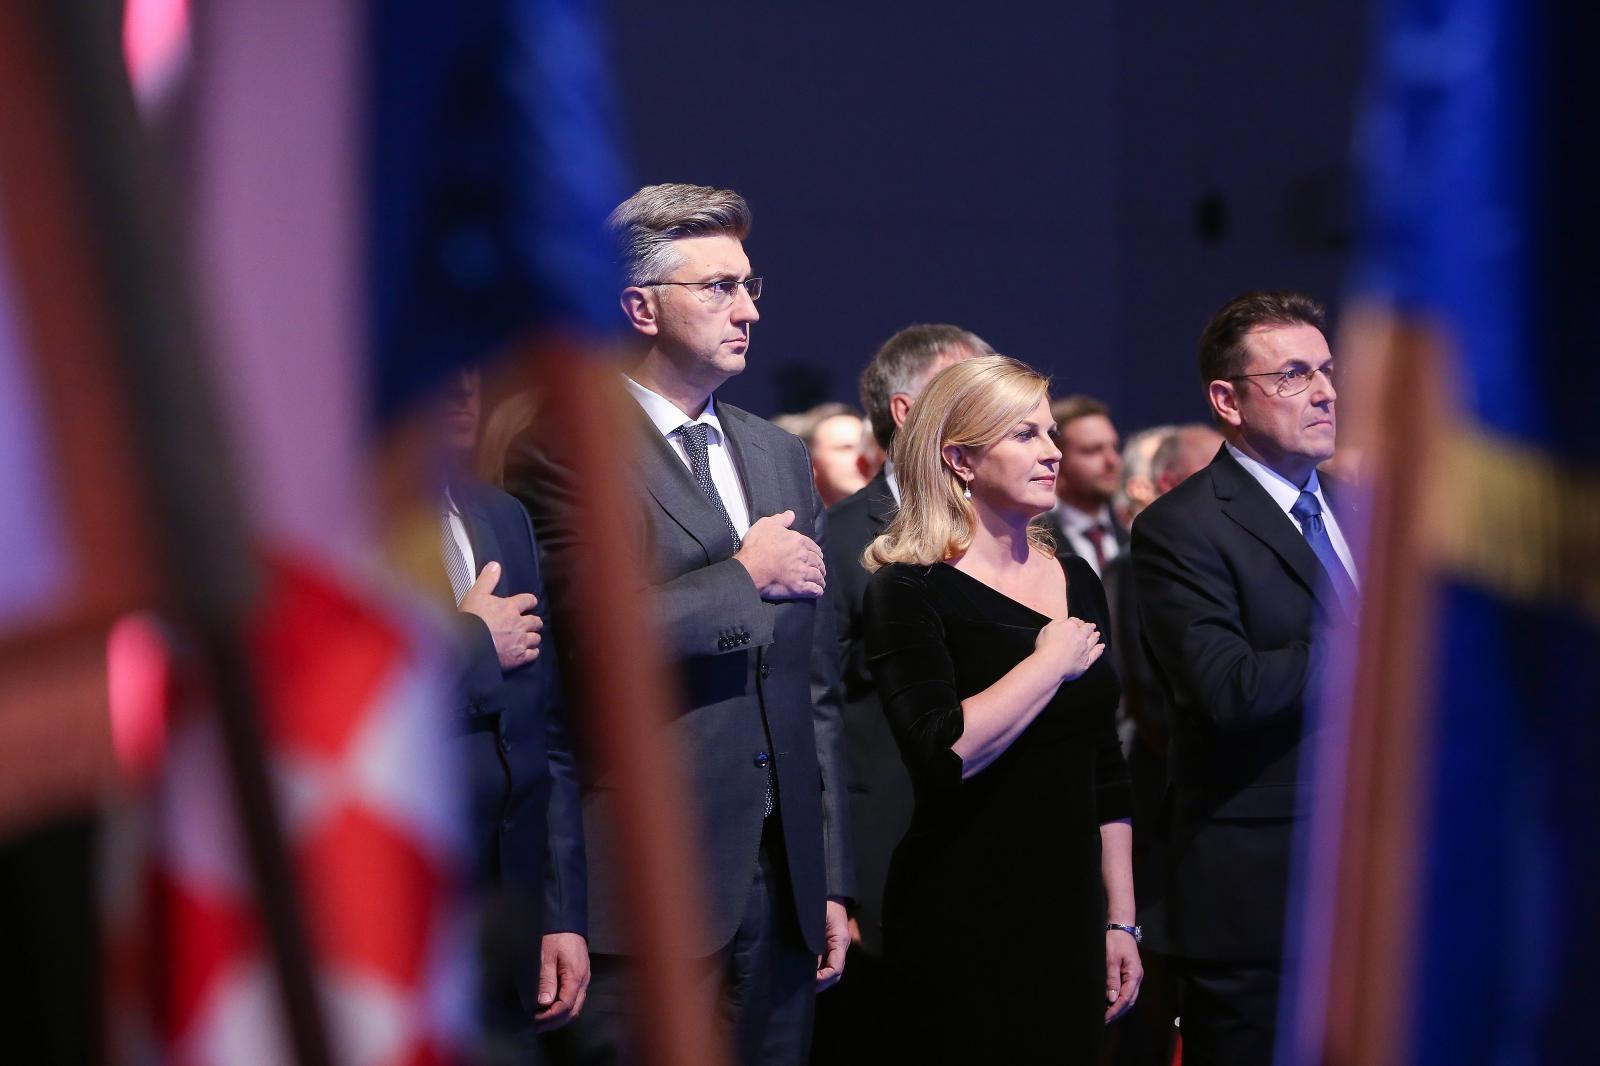 Predsjednica odlučno odbacila konstrukcije o umješanosti u rušenje HDZ-ove Vlade